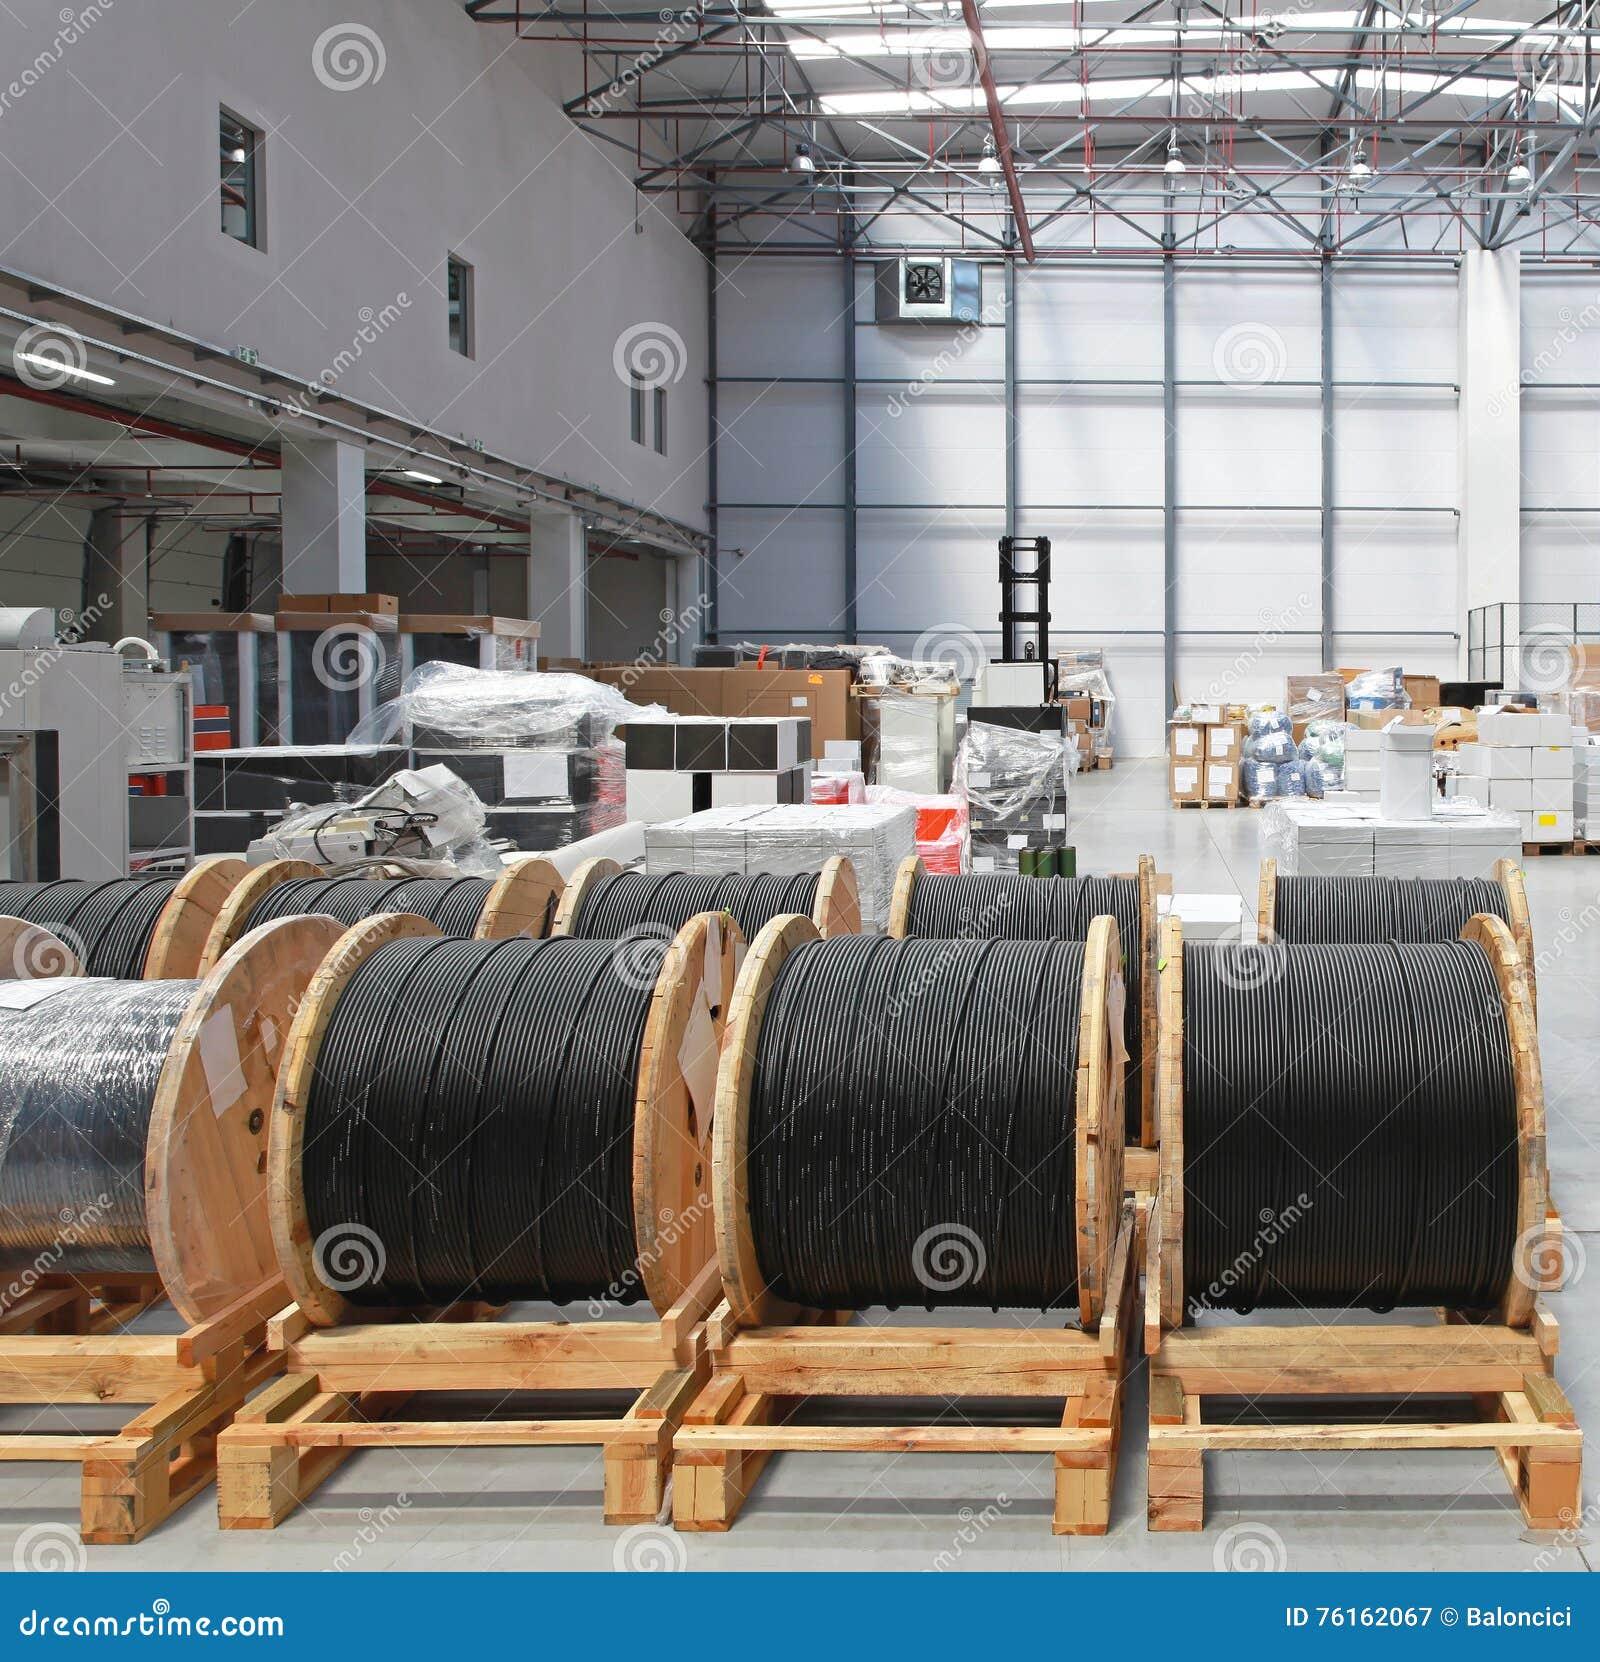 Kabel-Spulen-Lager stockbild. Bild von ausrüstung, seilzüge - 76162067